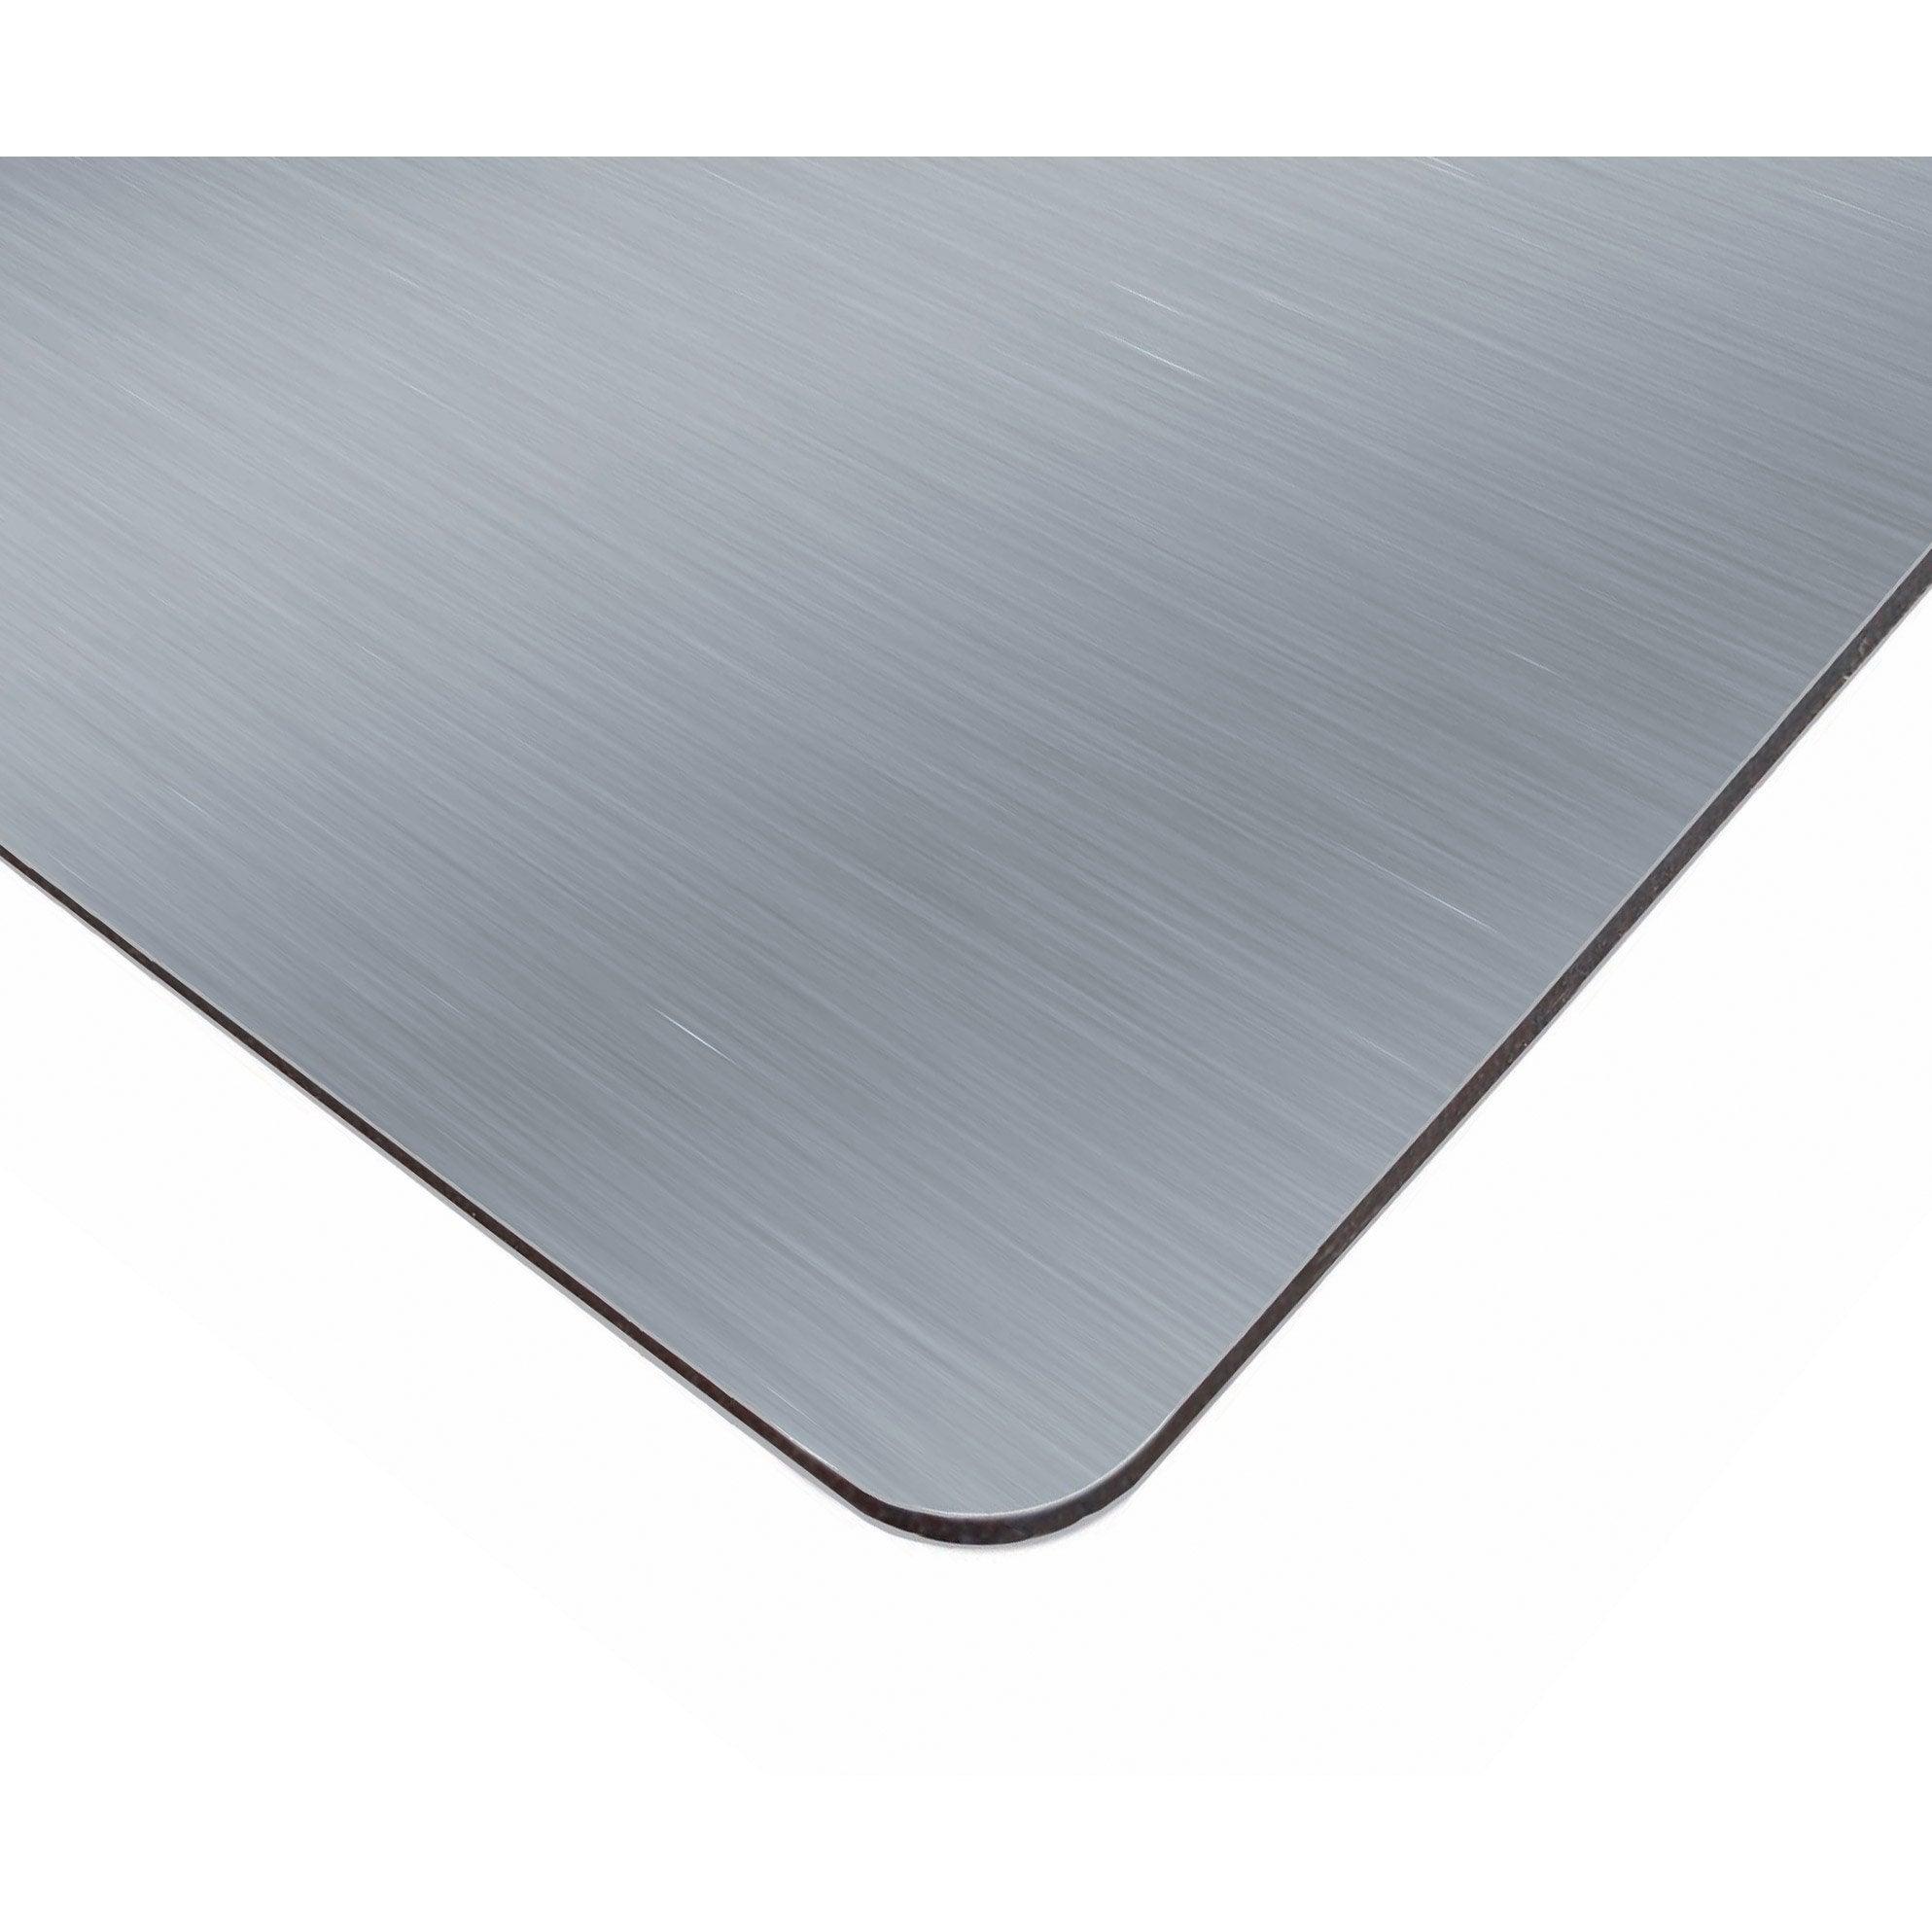 Plaque Composite Aluminium 3 Mm Gris Lisse L 305 X 150 Cm Leroy